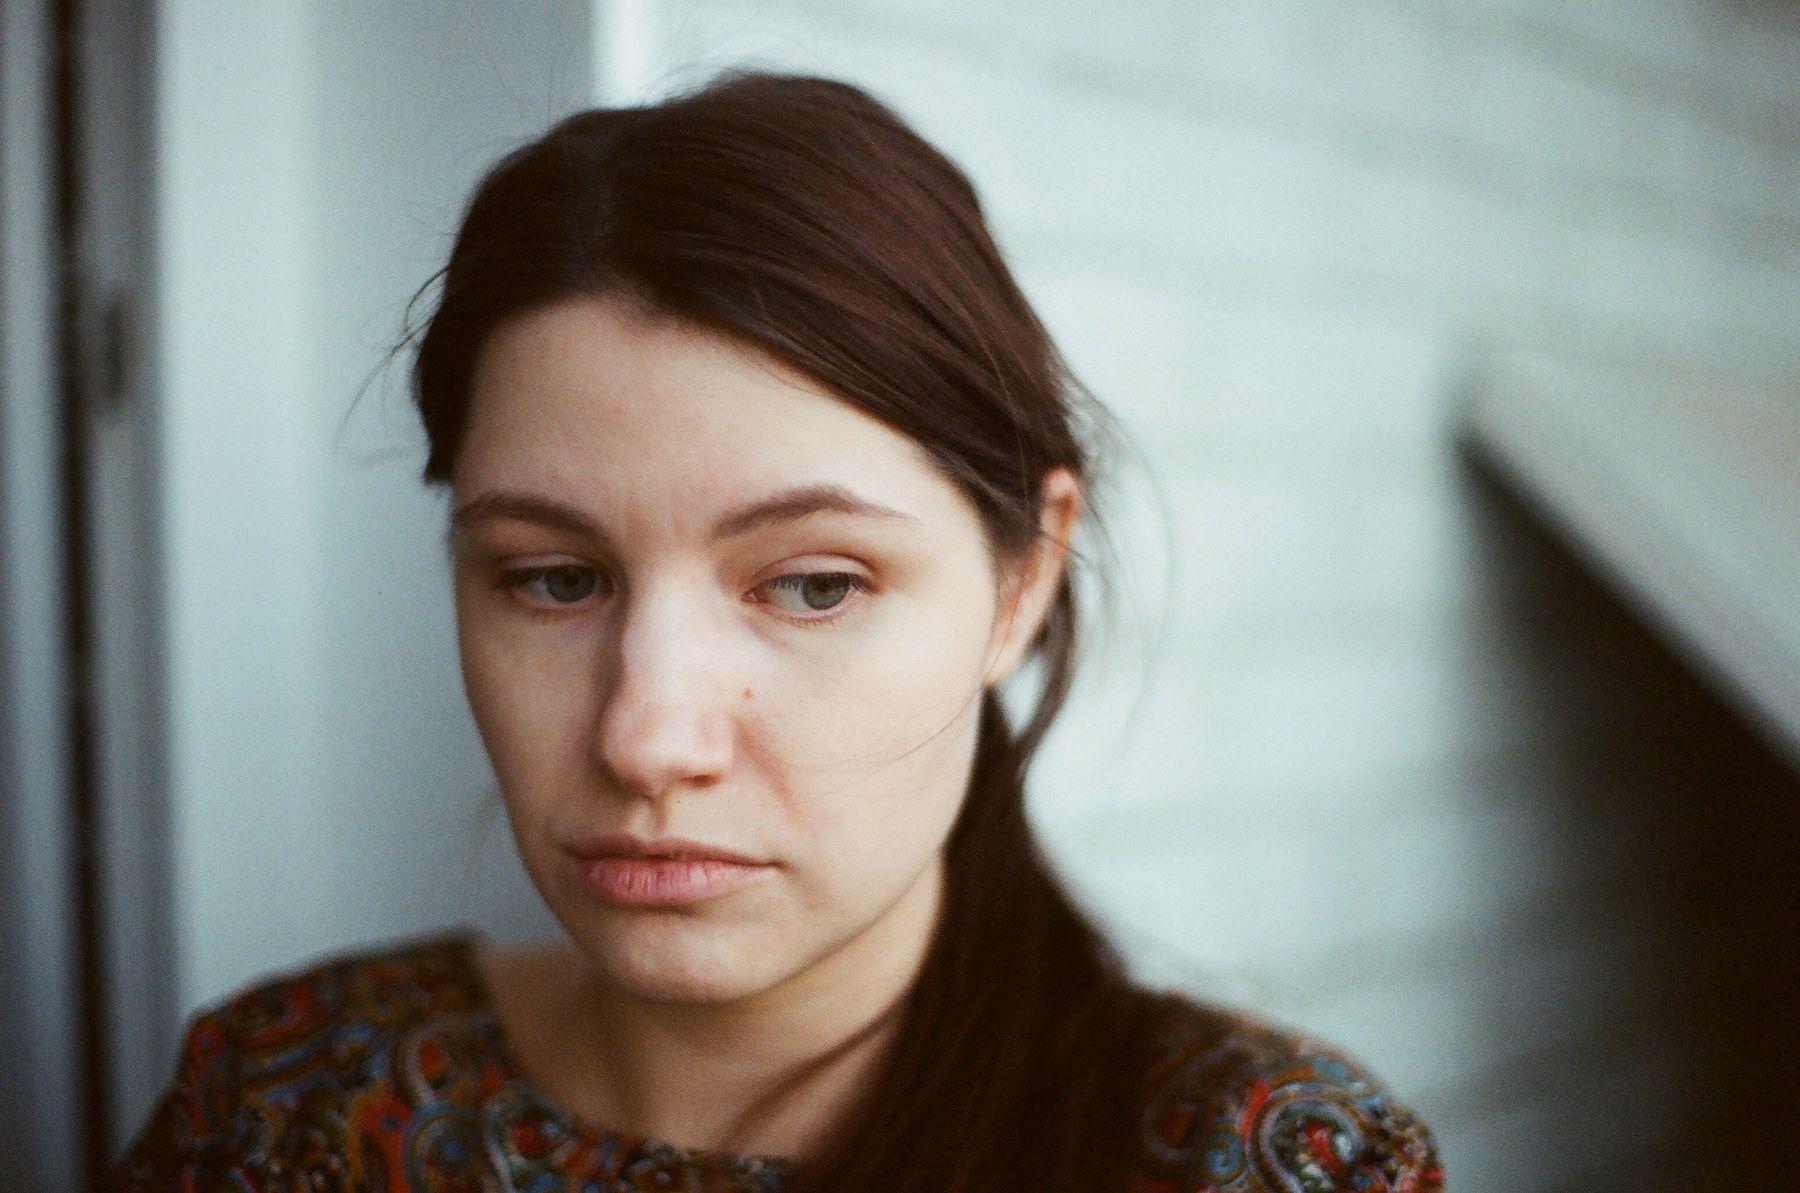 ... девушка портрет